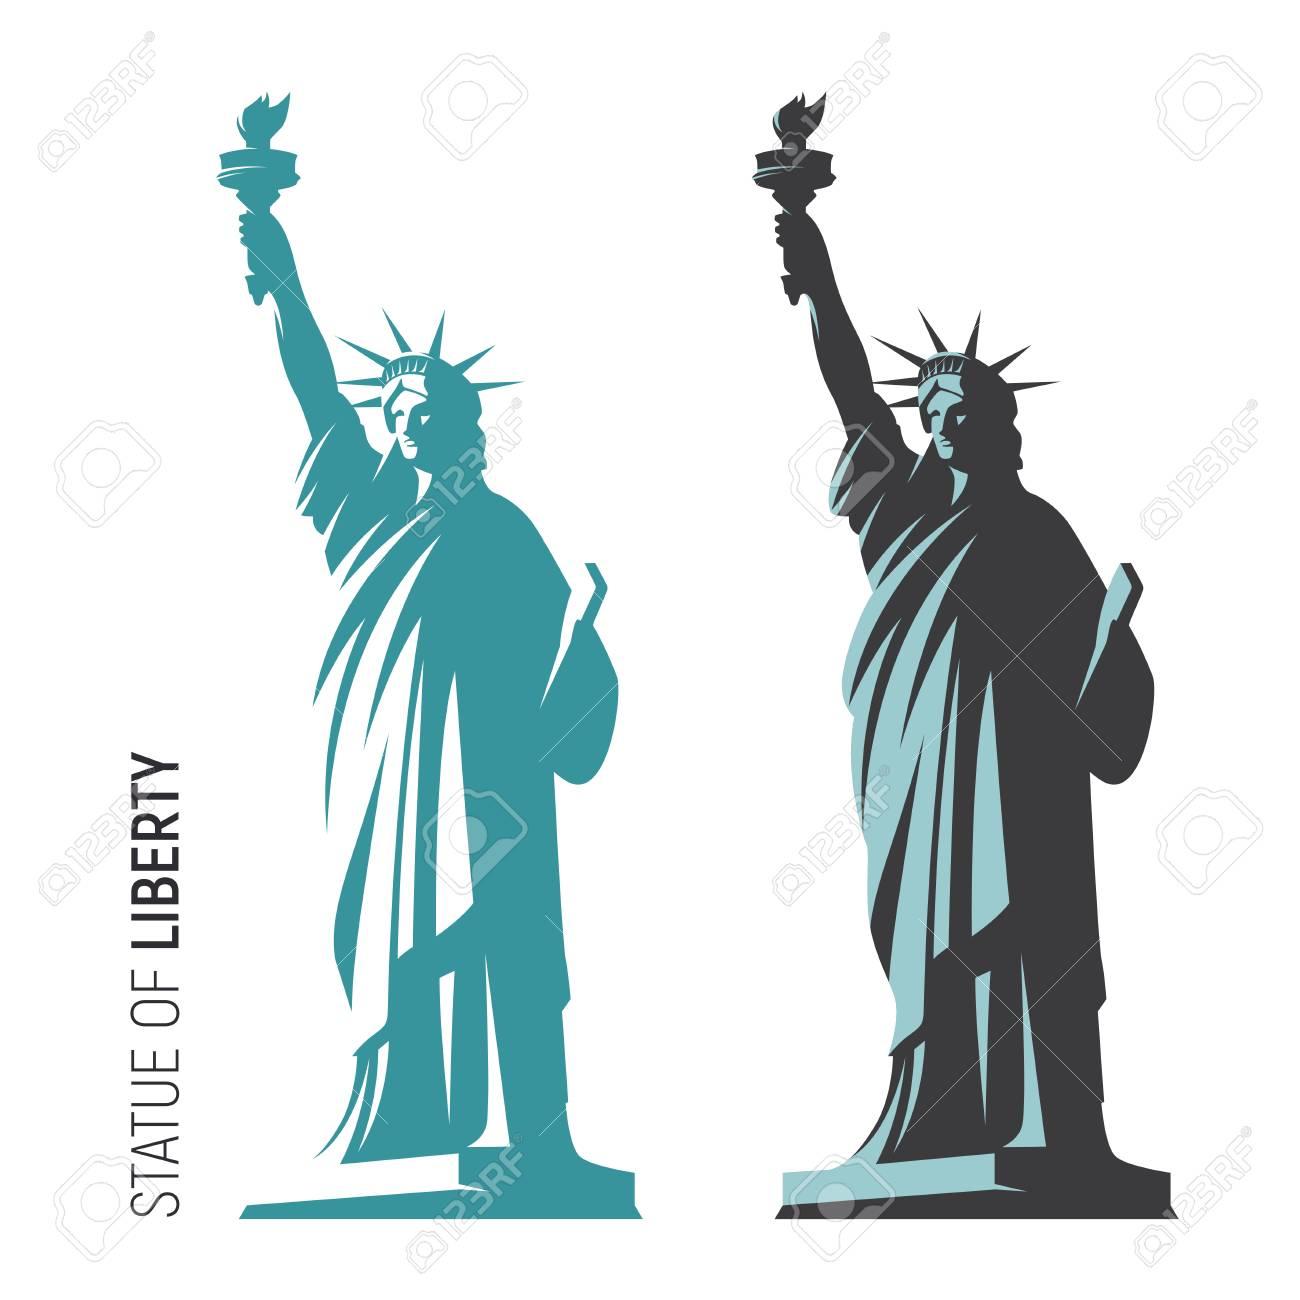 ニューヨークの自由の女神像のベクトル イラストsのイラスト素材